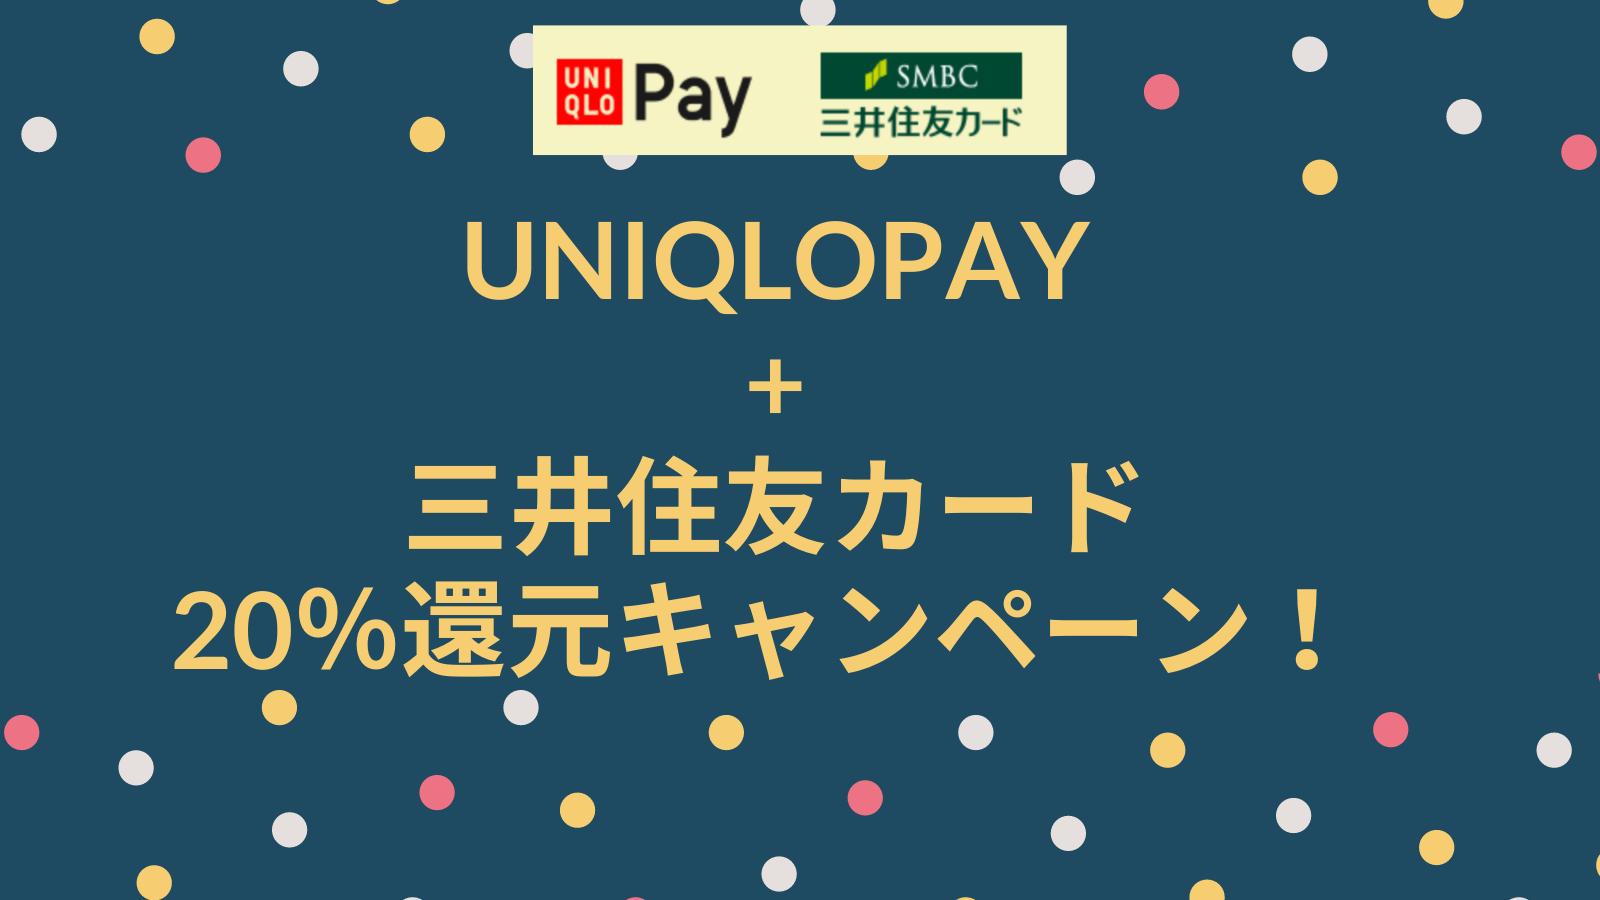 【裏技あり】三井住友カードをUNIQLOPayに紐づけると20%還元キャンペーンエントリー開始!即時発行可能な三井住友カード(NL)で対応しよう!